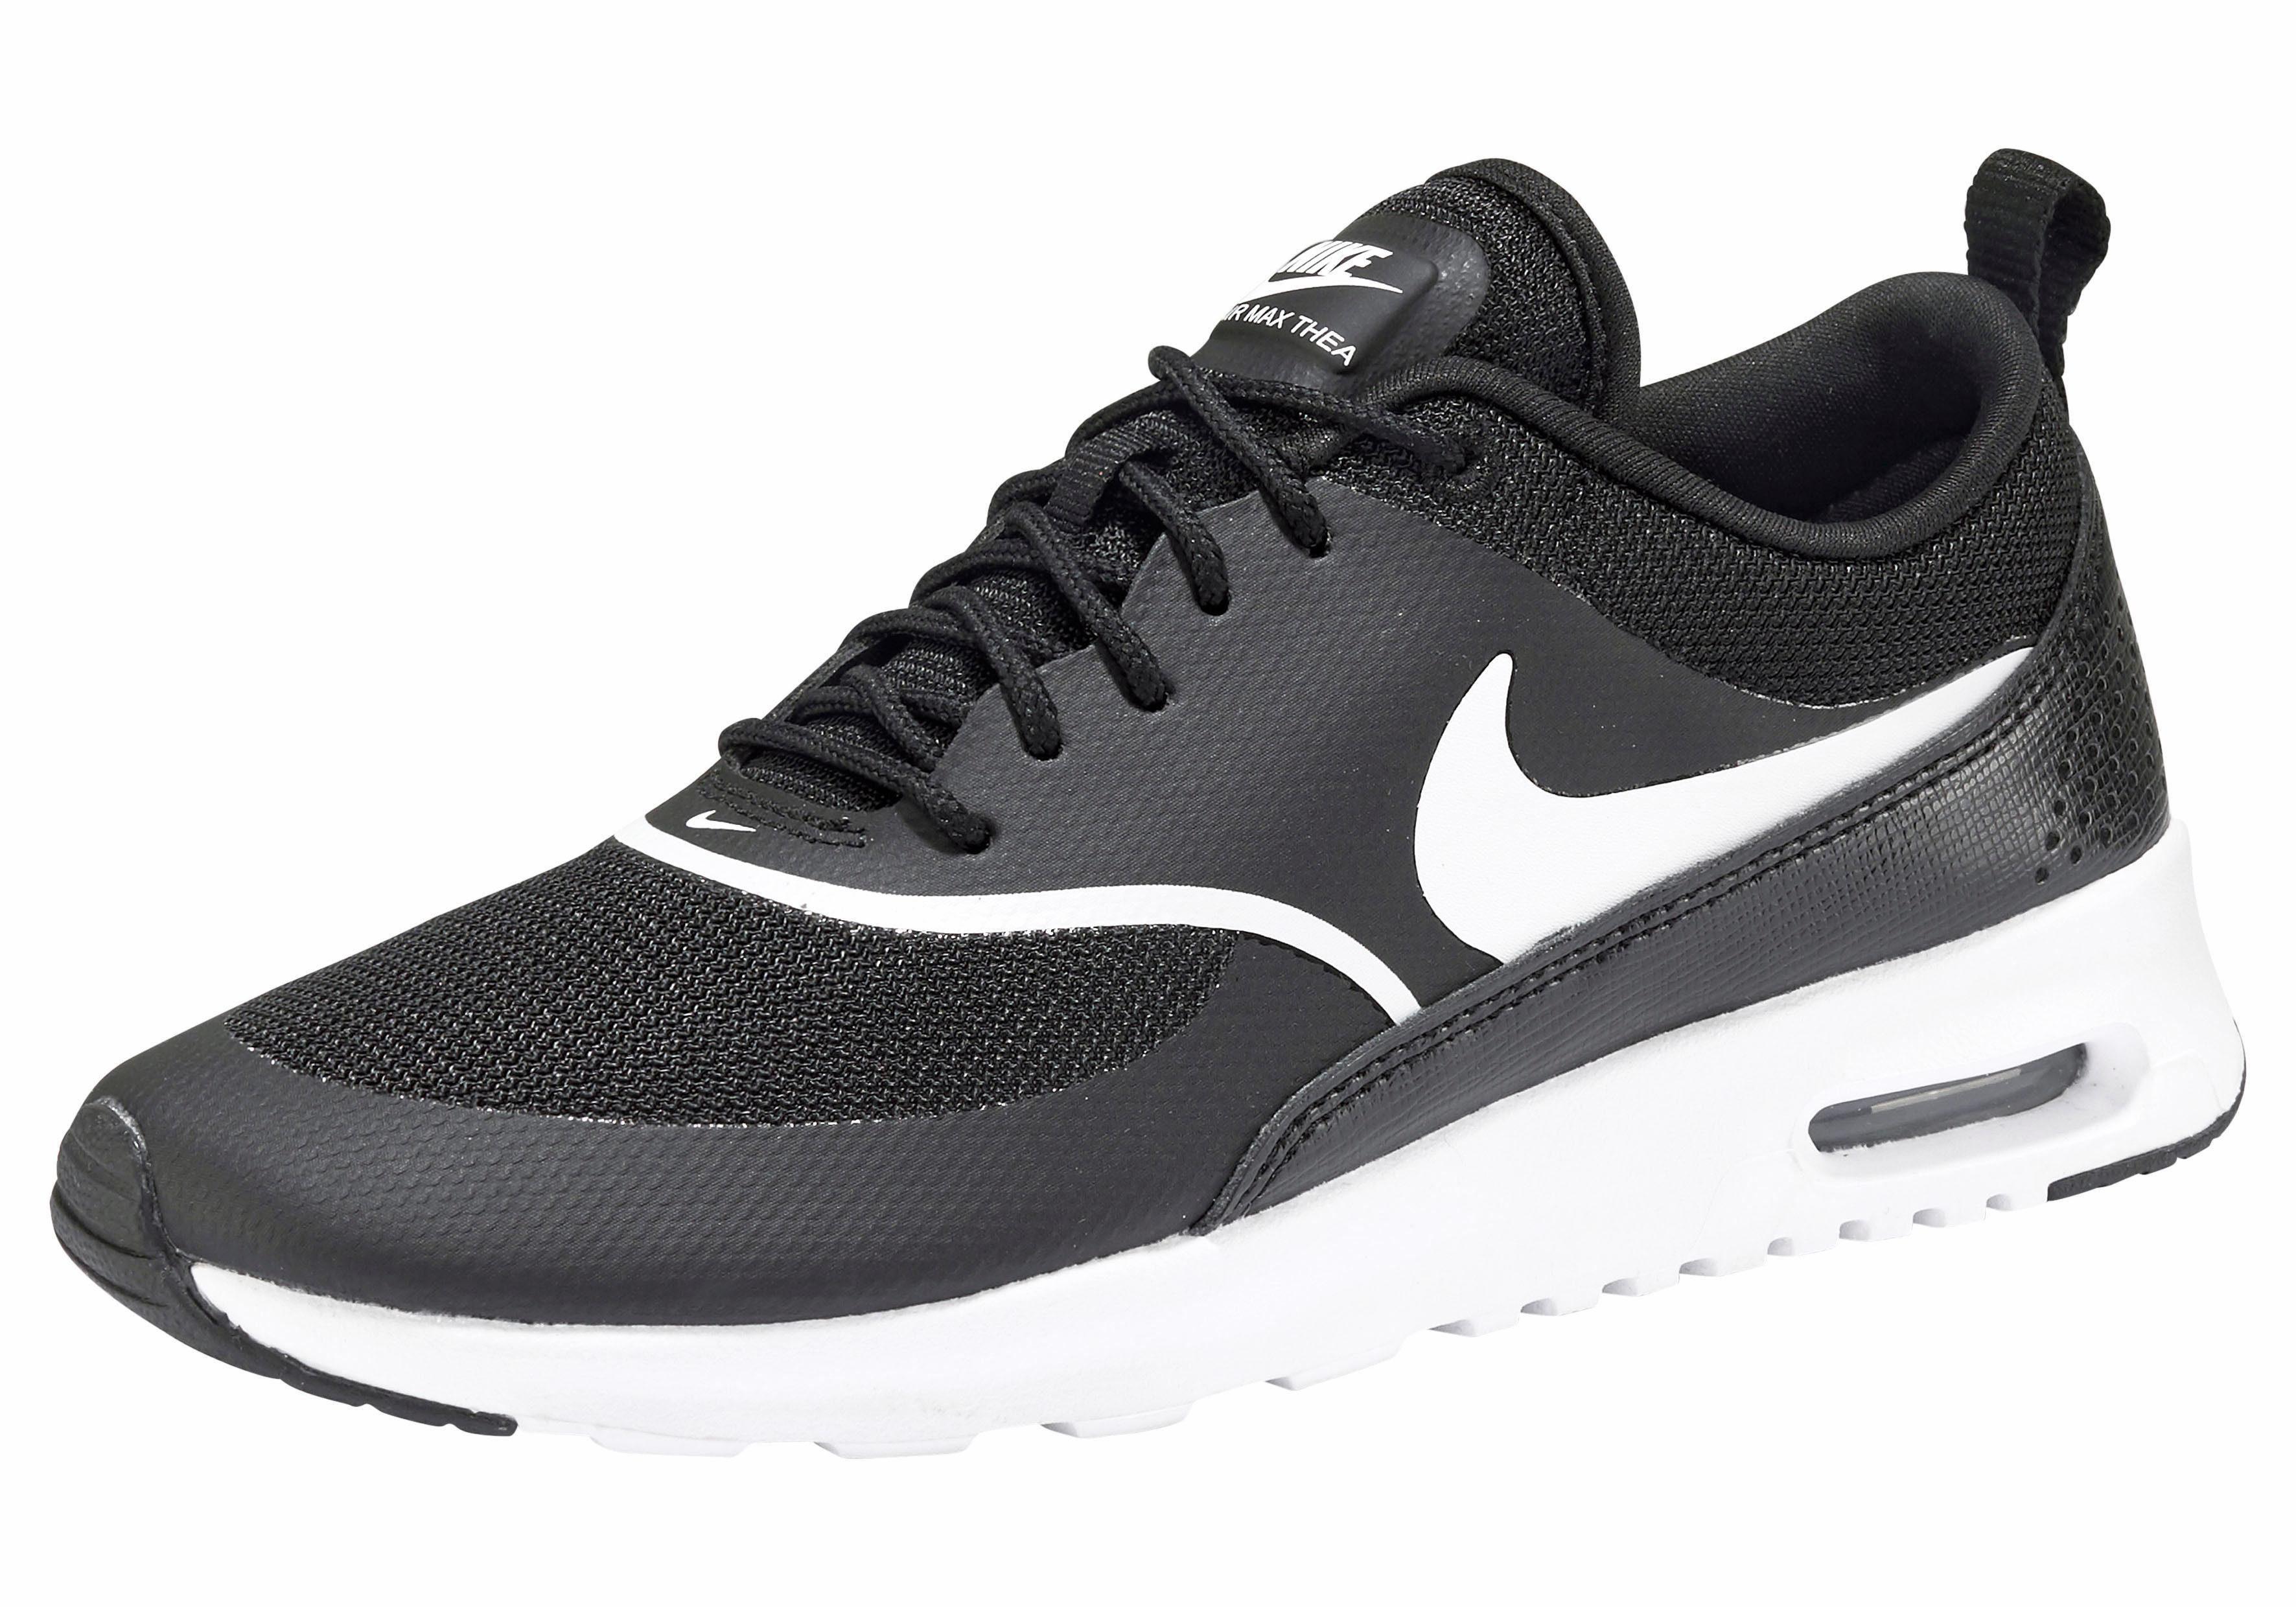 Nike Air Max Thea online kopen? Bekijk ons assortiment | OTTO